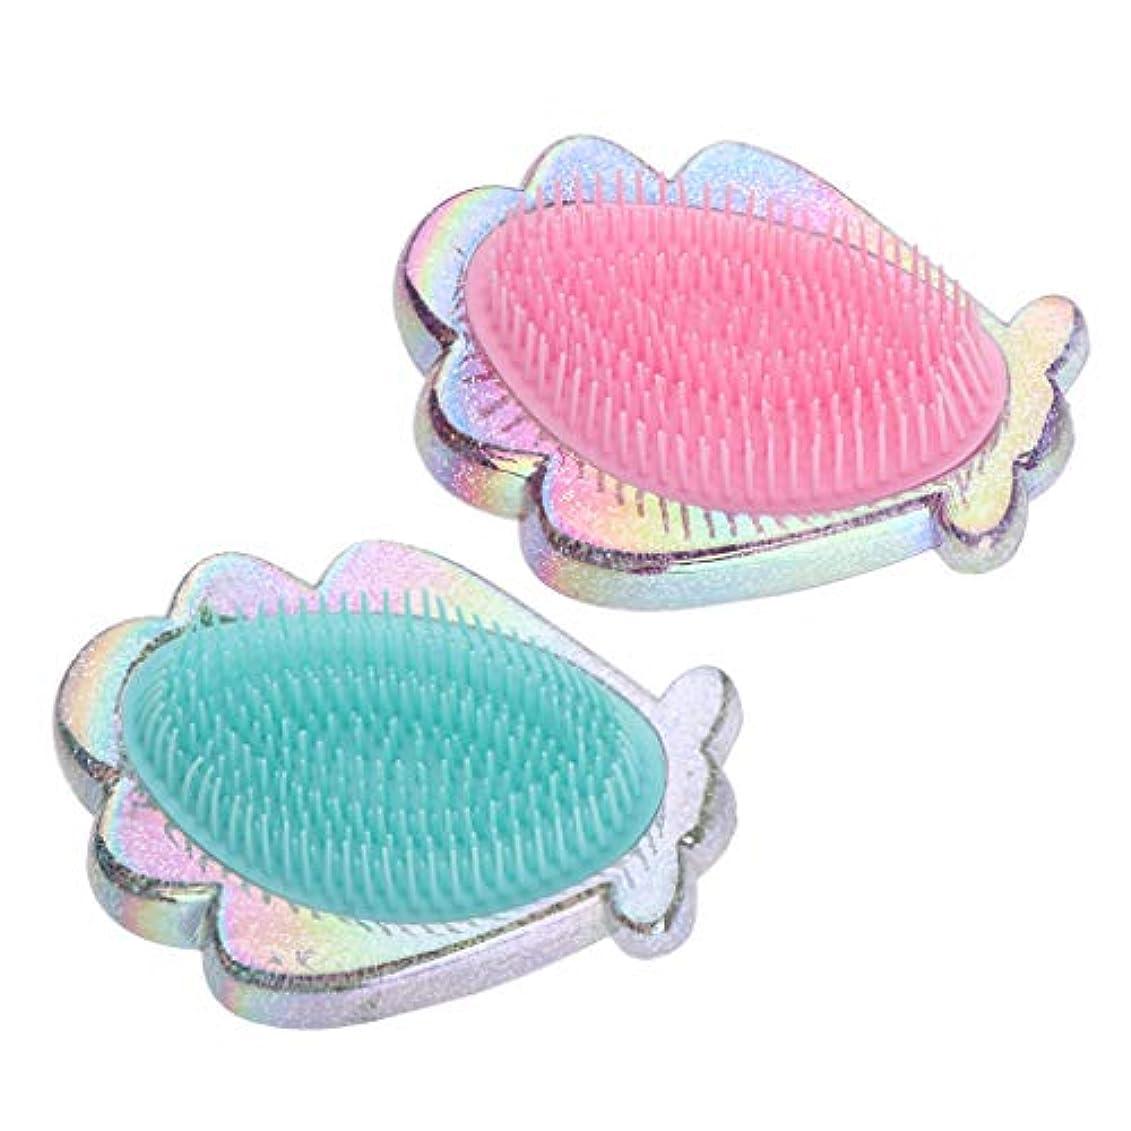 実際の鬼ごっこキャラバンCUTICATE コーム ヘアコーム ヘアブラシ 静電気防止 プラスチック製 女性用 2個パック